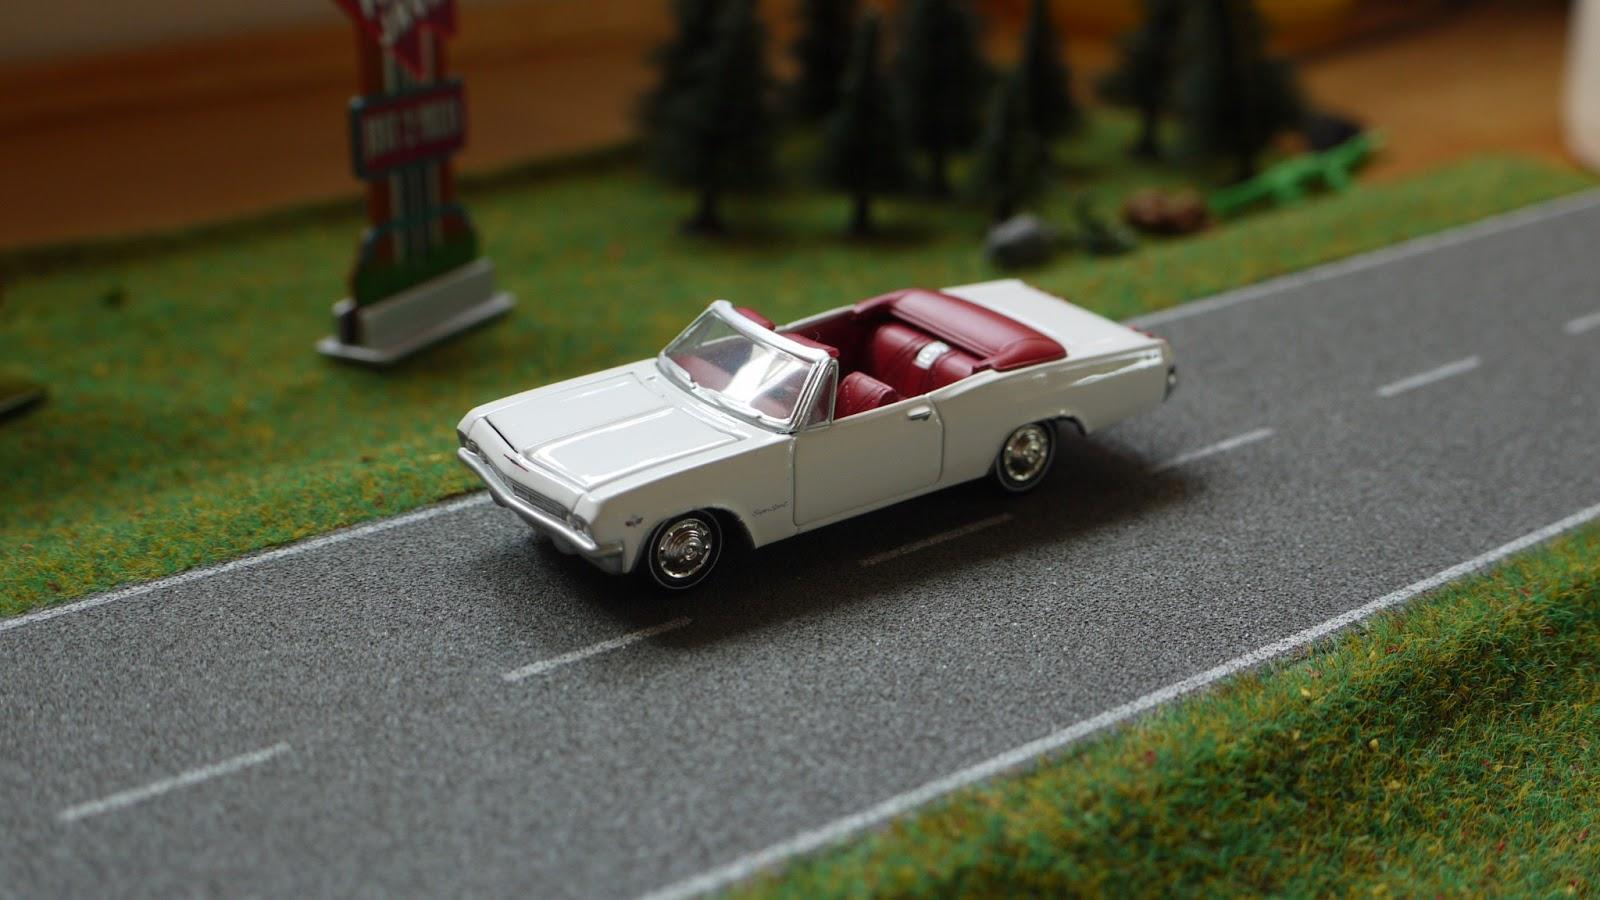 Diecast cars 1/64, Modellautos 1:64, Modellbilar 1:64 ...